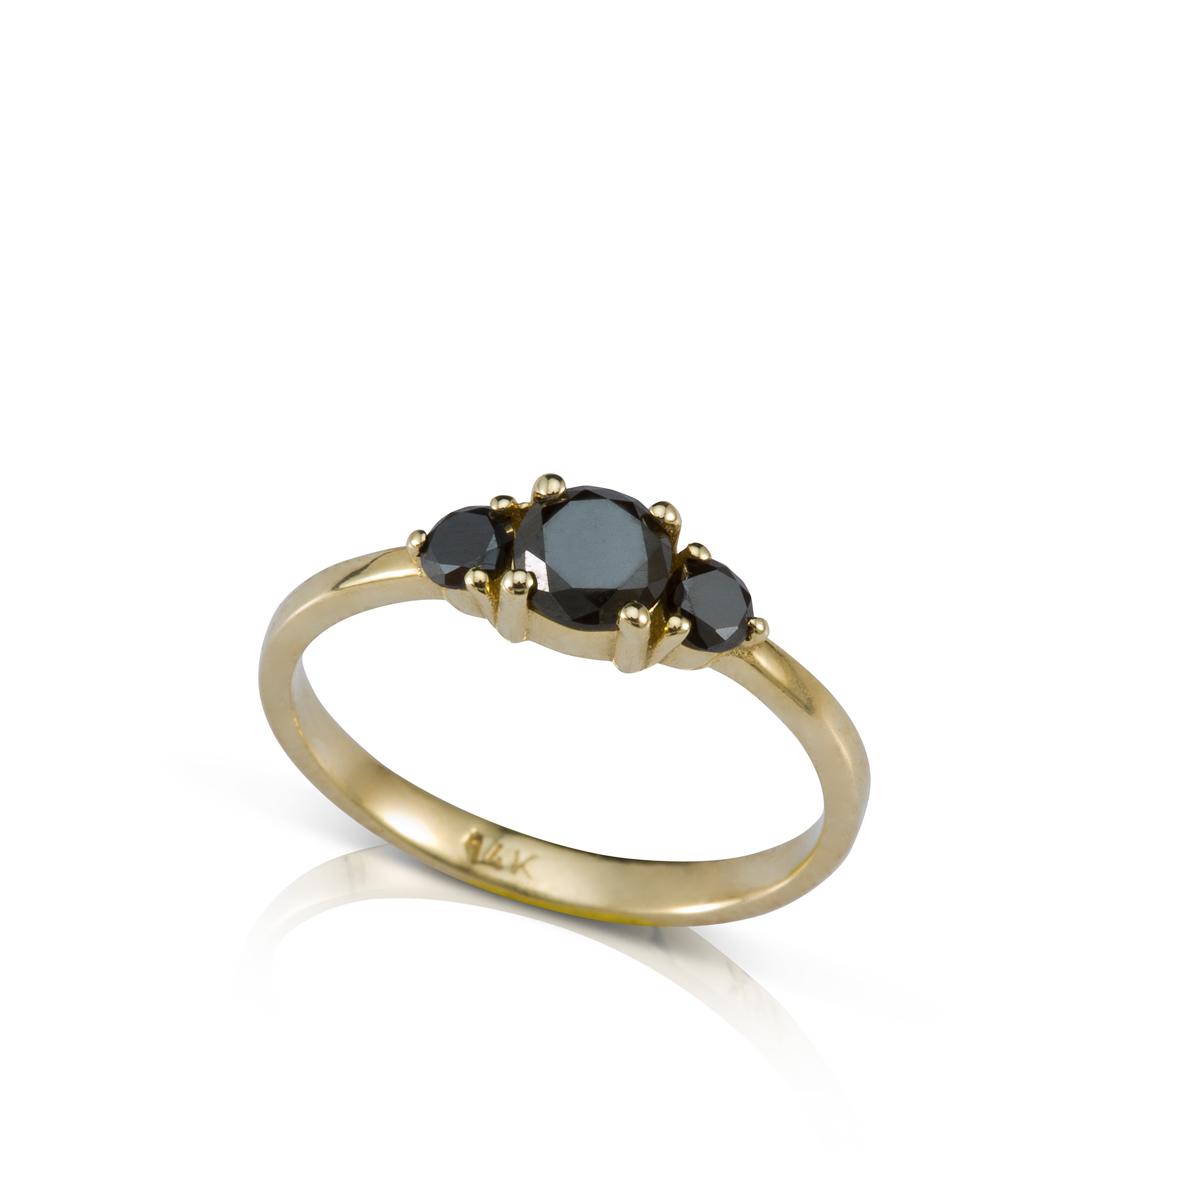 טבעת אירוסין משובצת יהלום שחור מרכזי ויהלומים שחורים צדדים